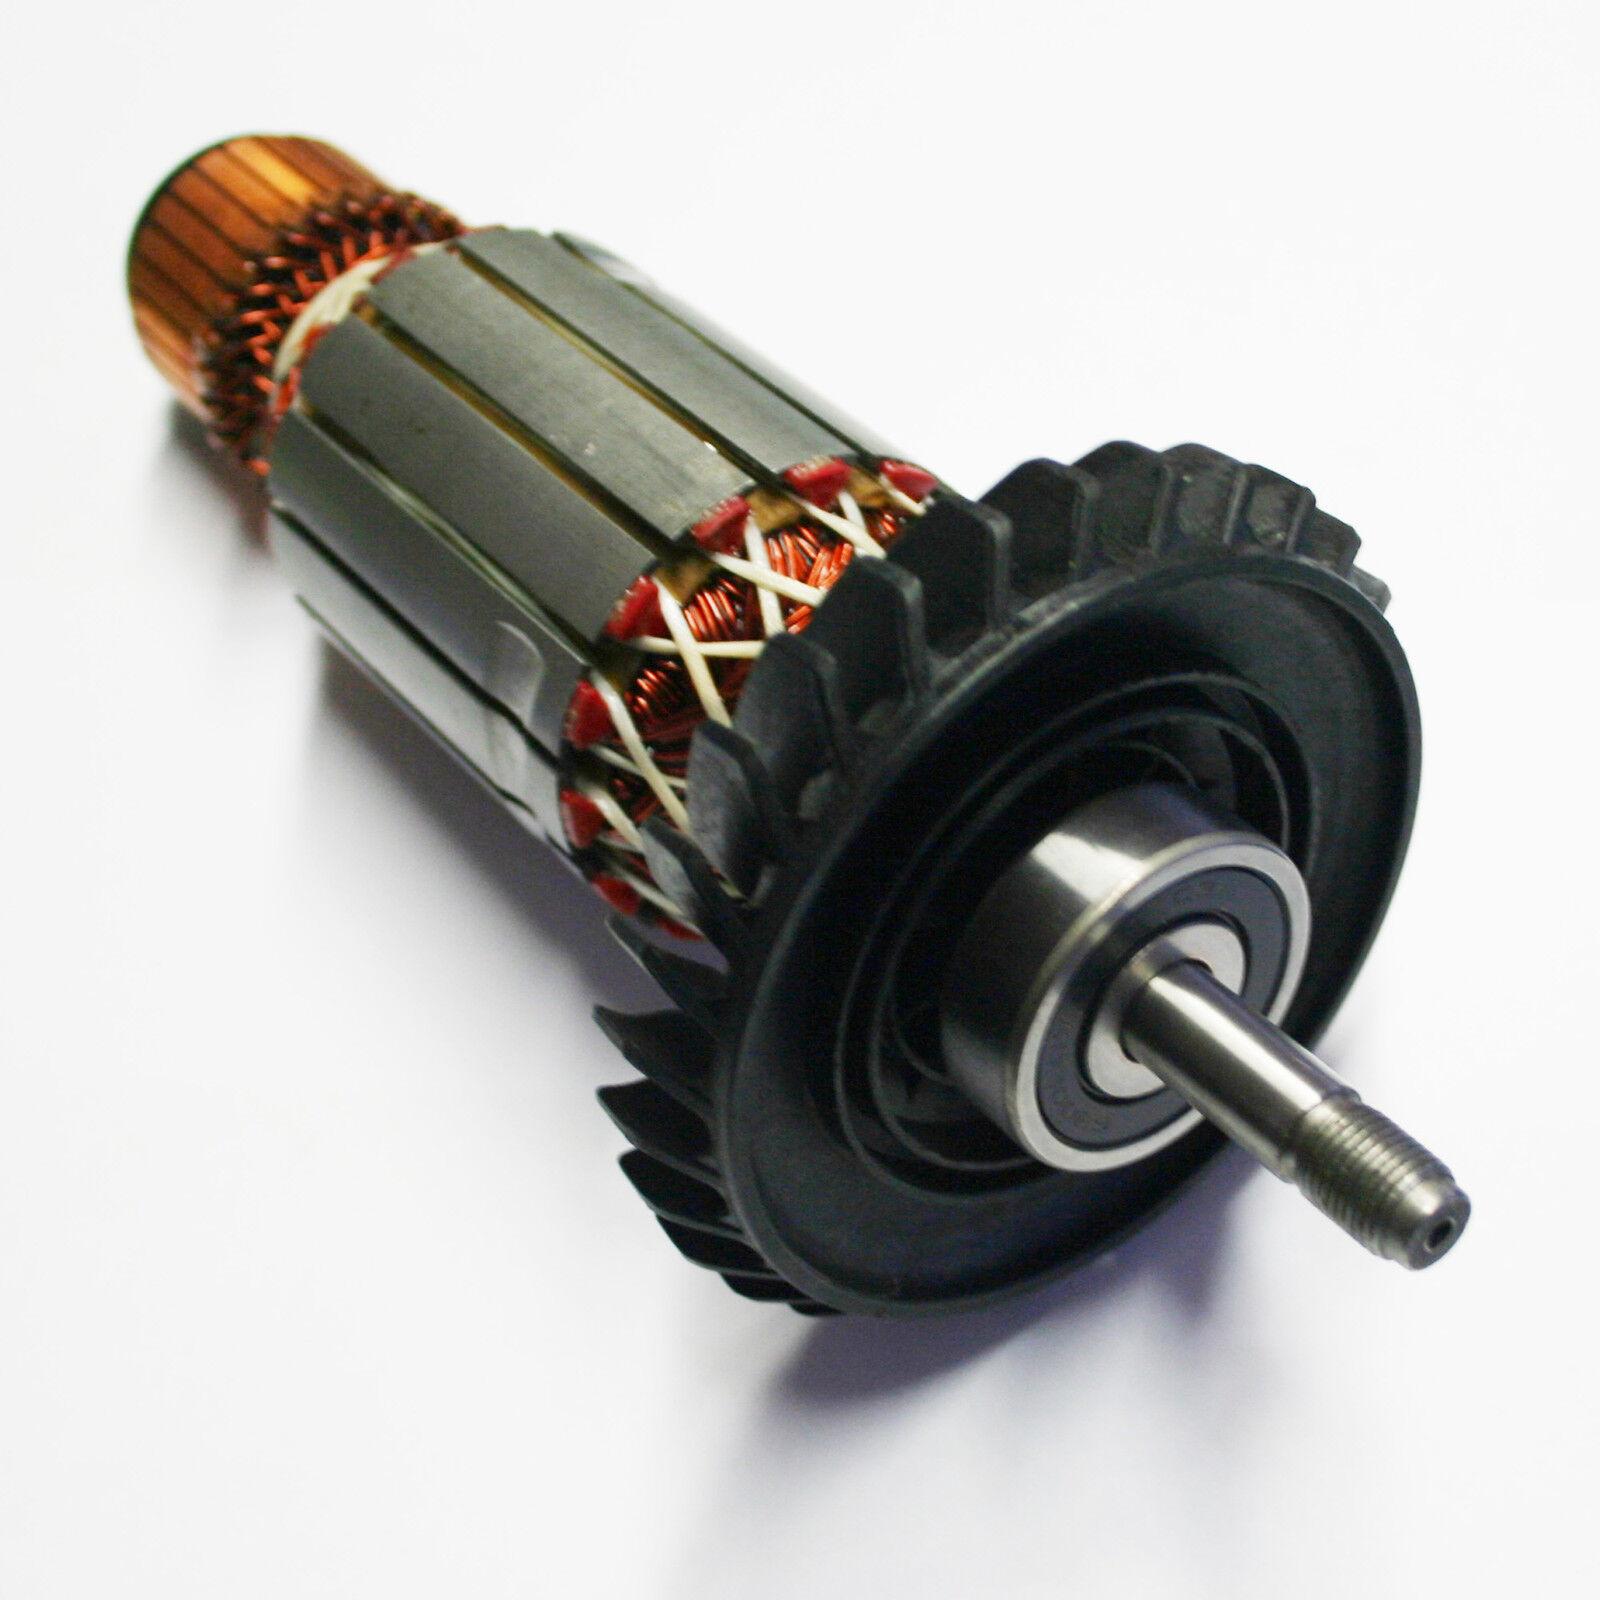 Anker Rotor komplett für Bosch GWS 25-180,GWS 25-230, GWS 25-230 S,GWS 25-230 J